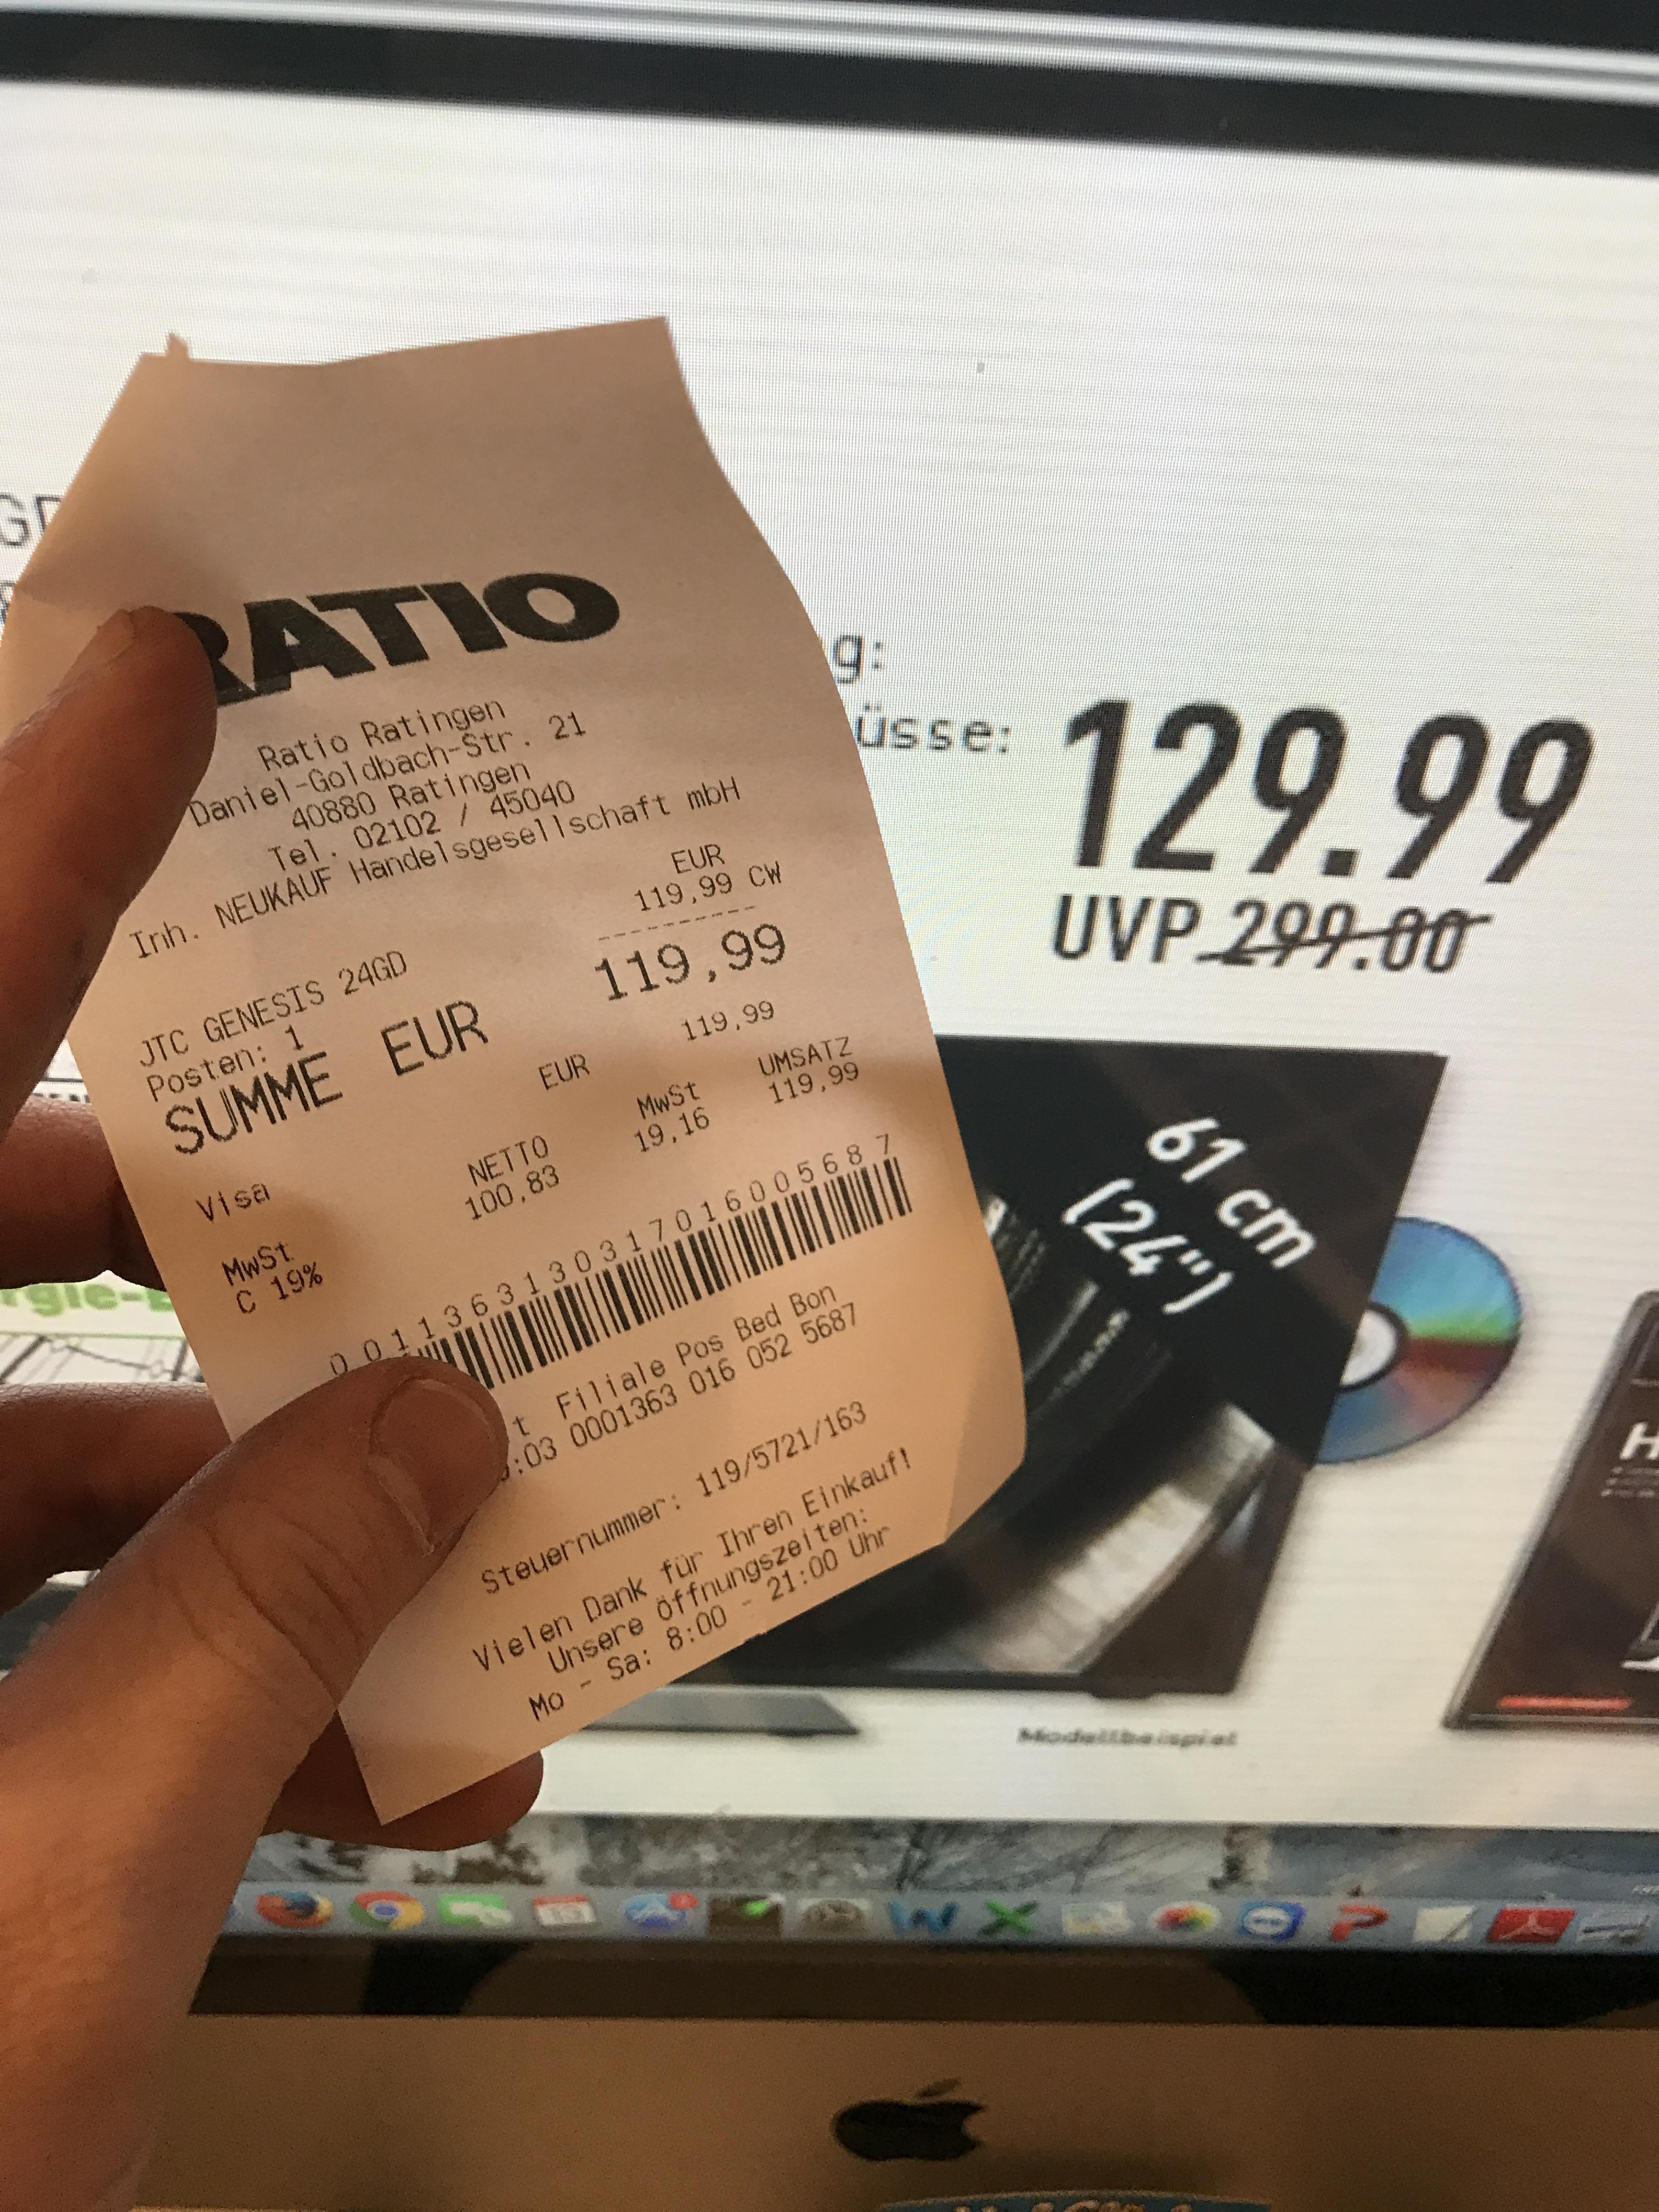 Lokal Ratingen? JTC GENESIS 24GD für 119,99 Euro bei Ratio (nicht Großmarkt)